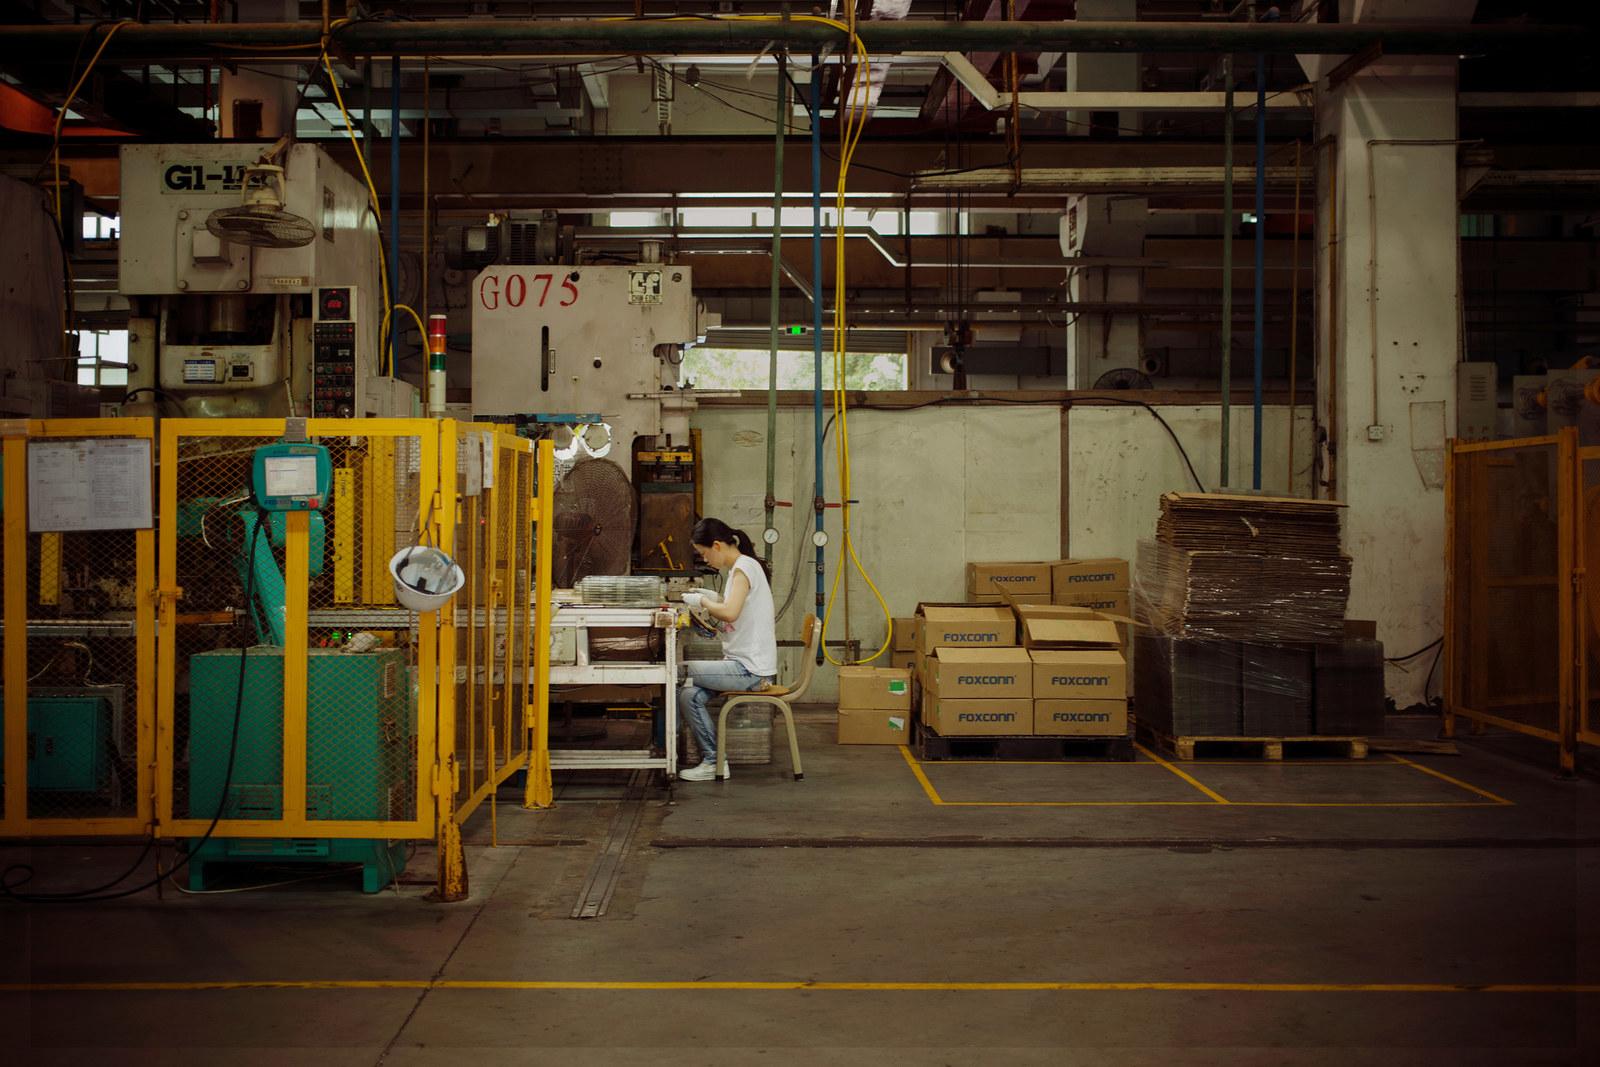 Fotos raras mostram como é o interior da fábrica onde o seu iPhone é feito